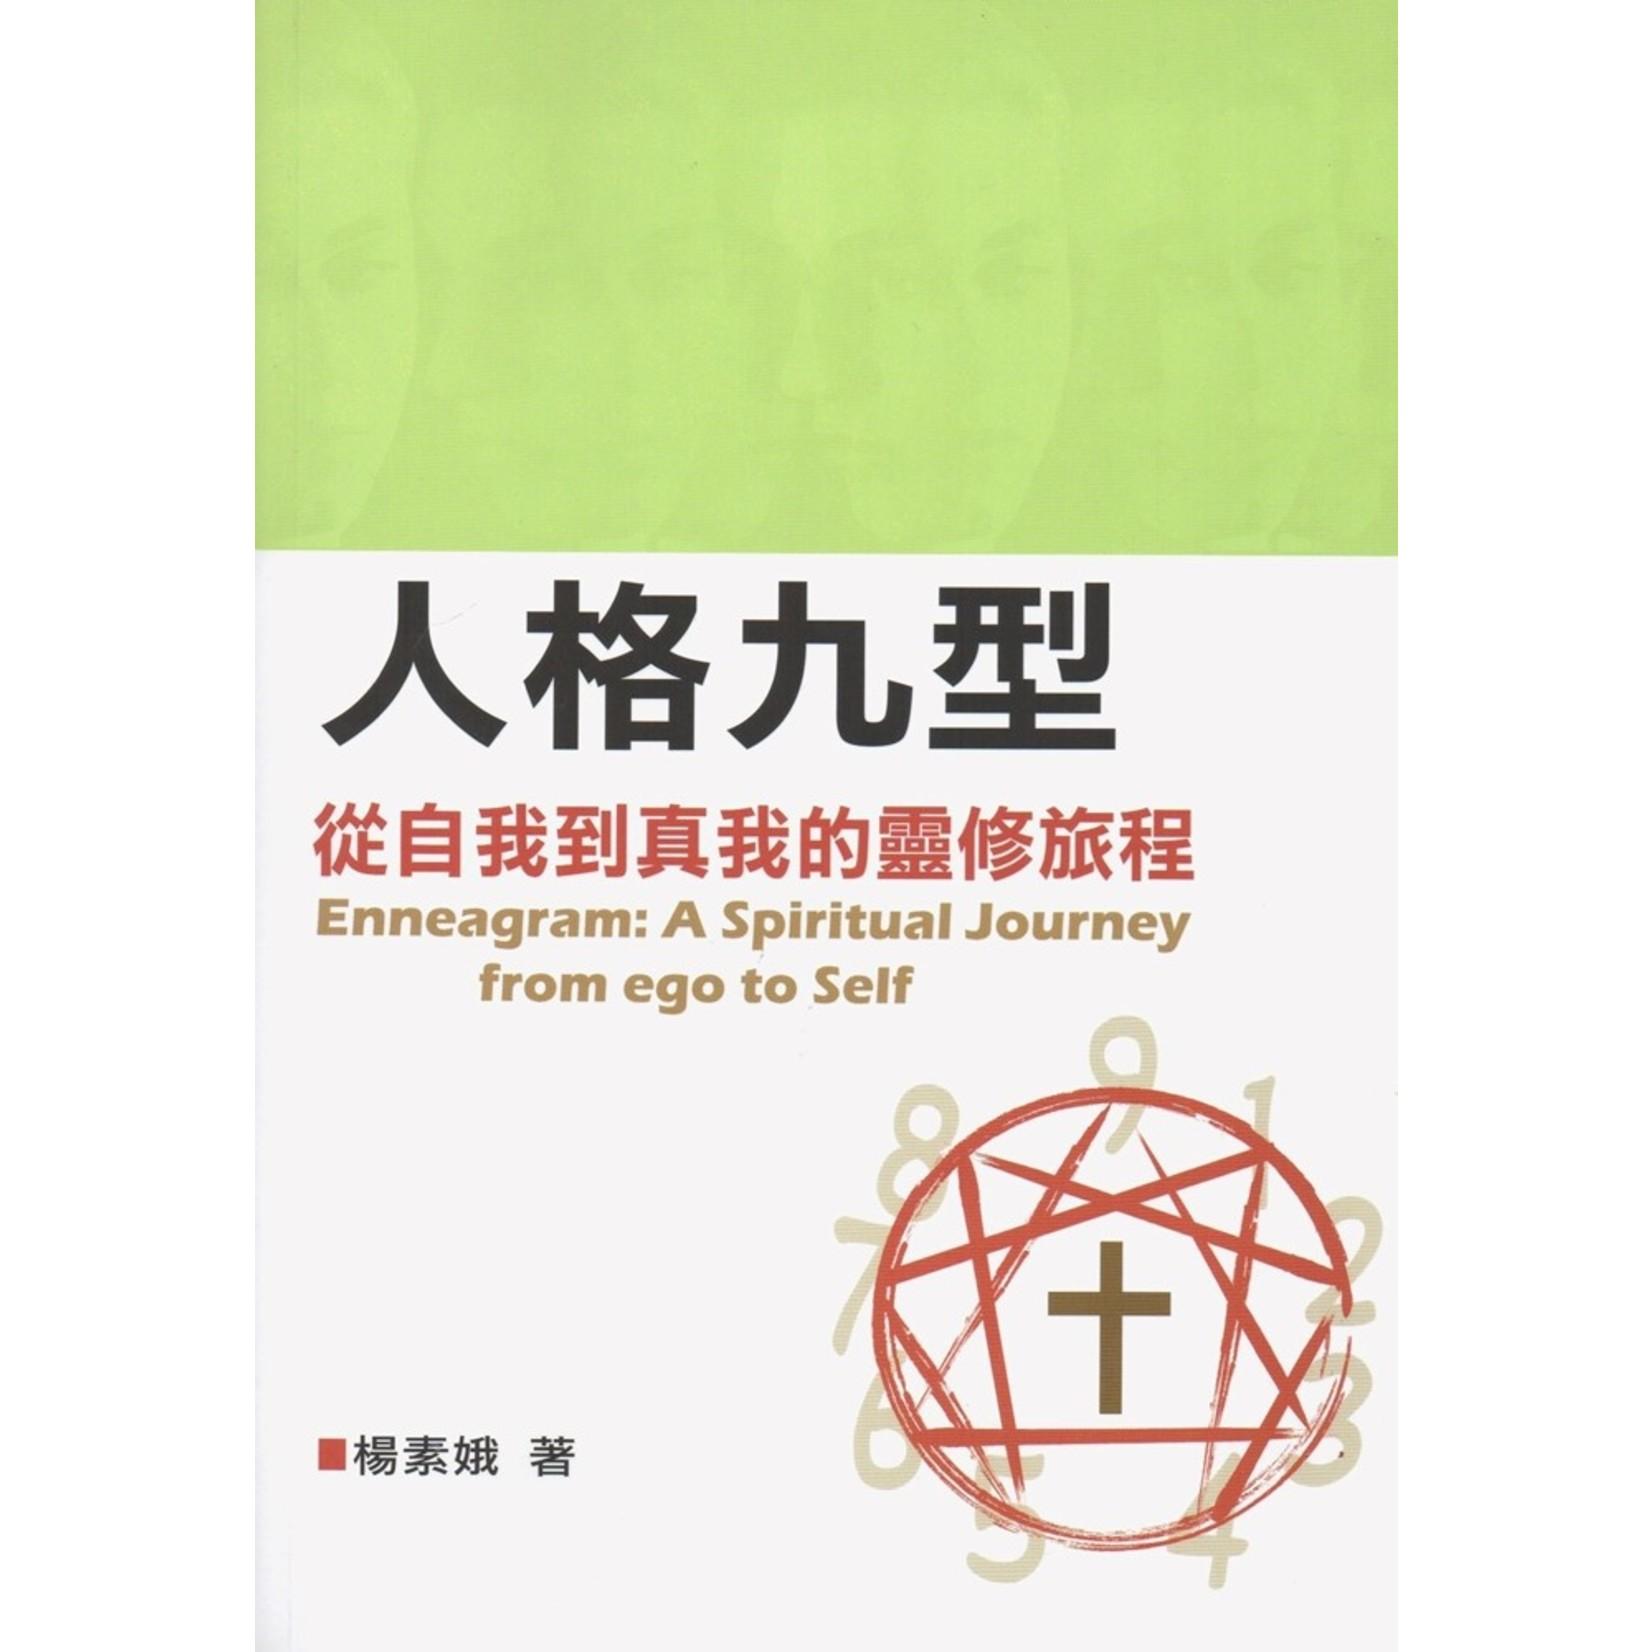 永望文化 (TW) 人格九型:從自我到真我的靈修旅程